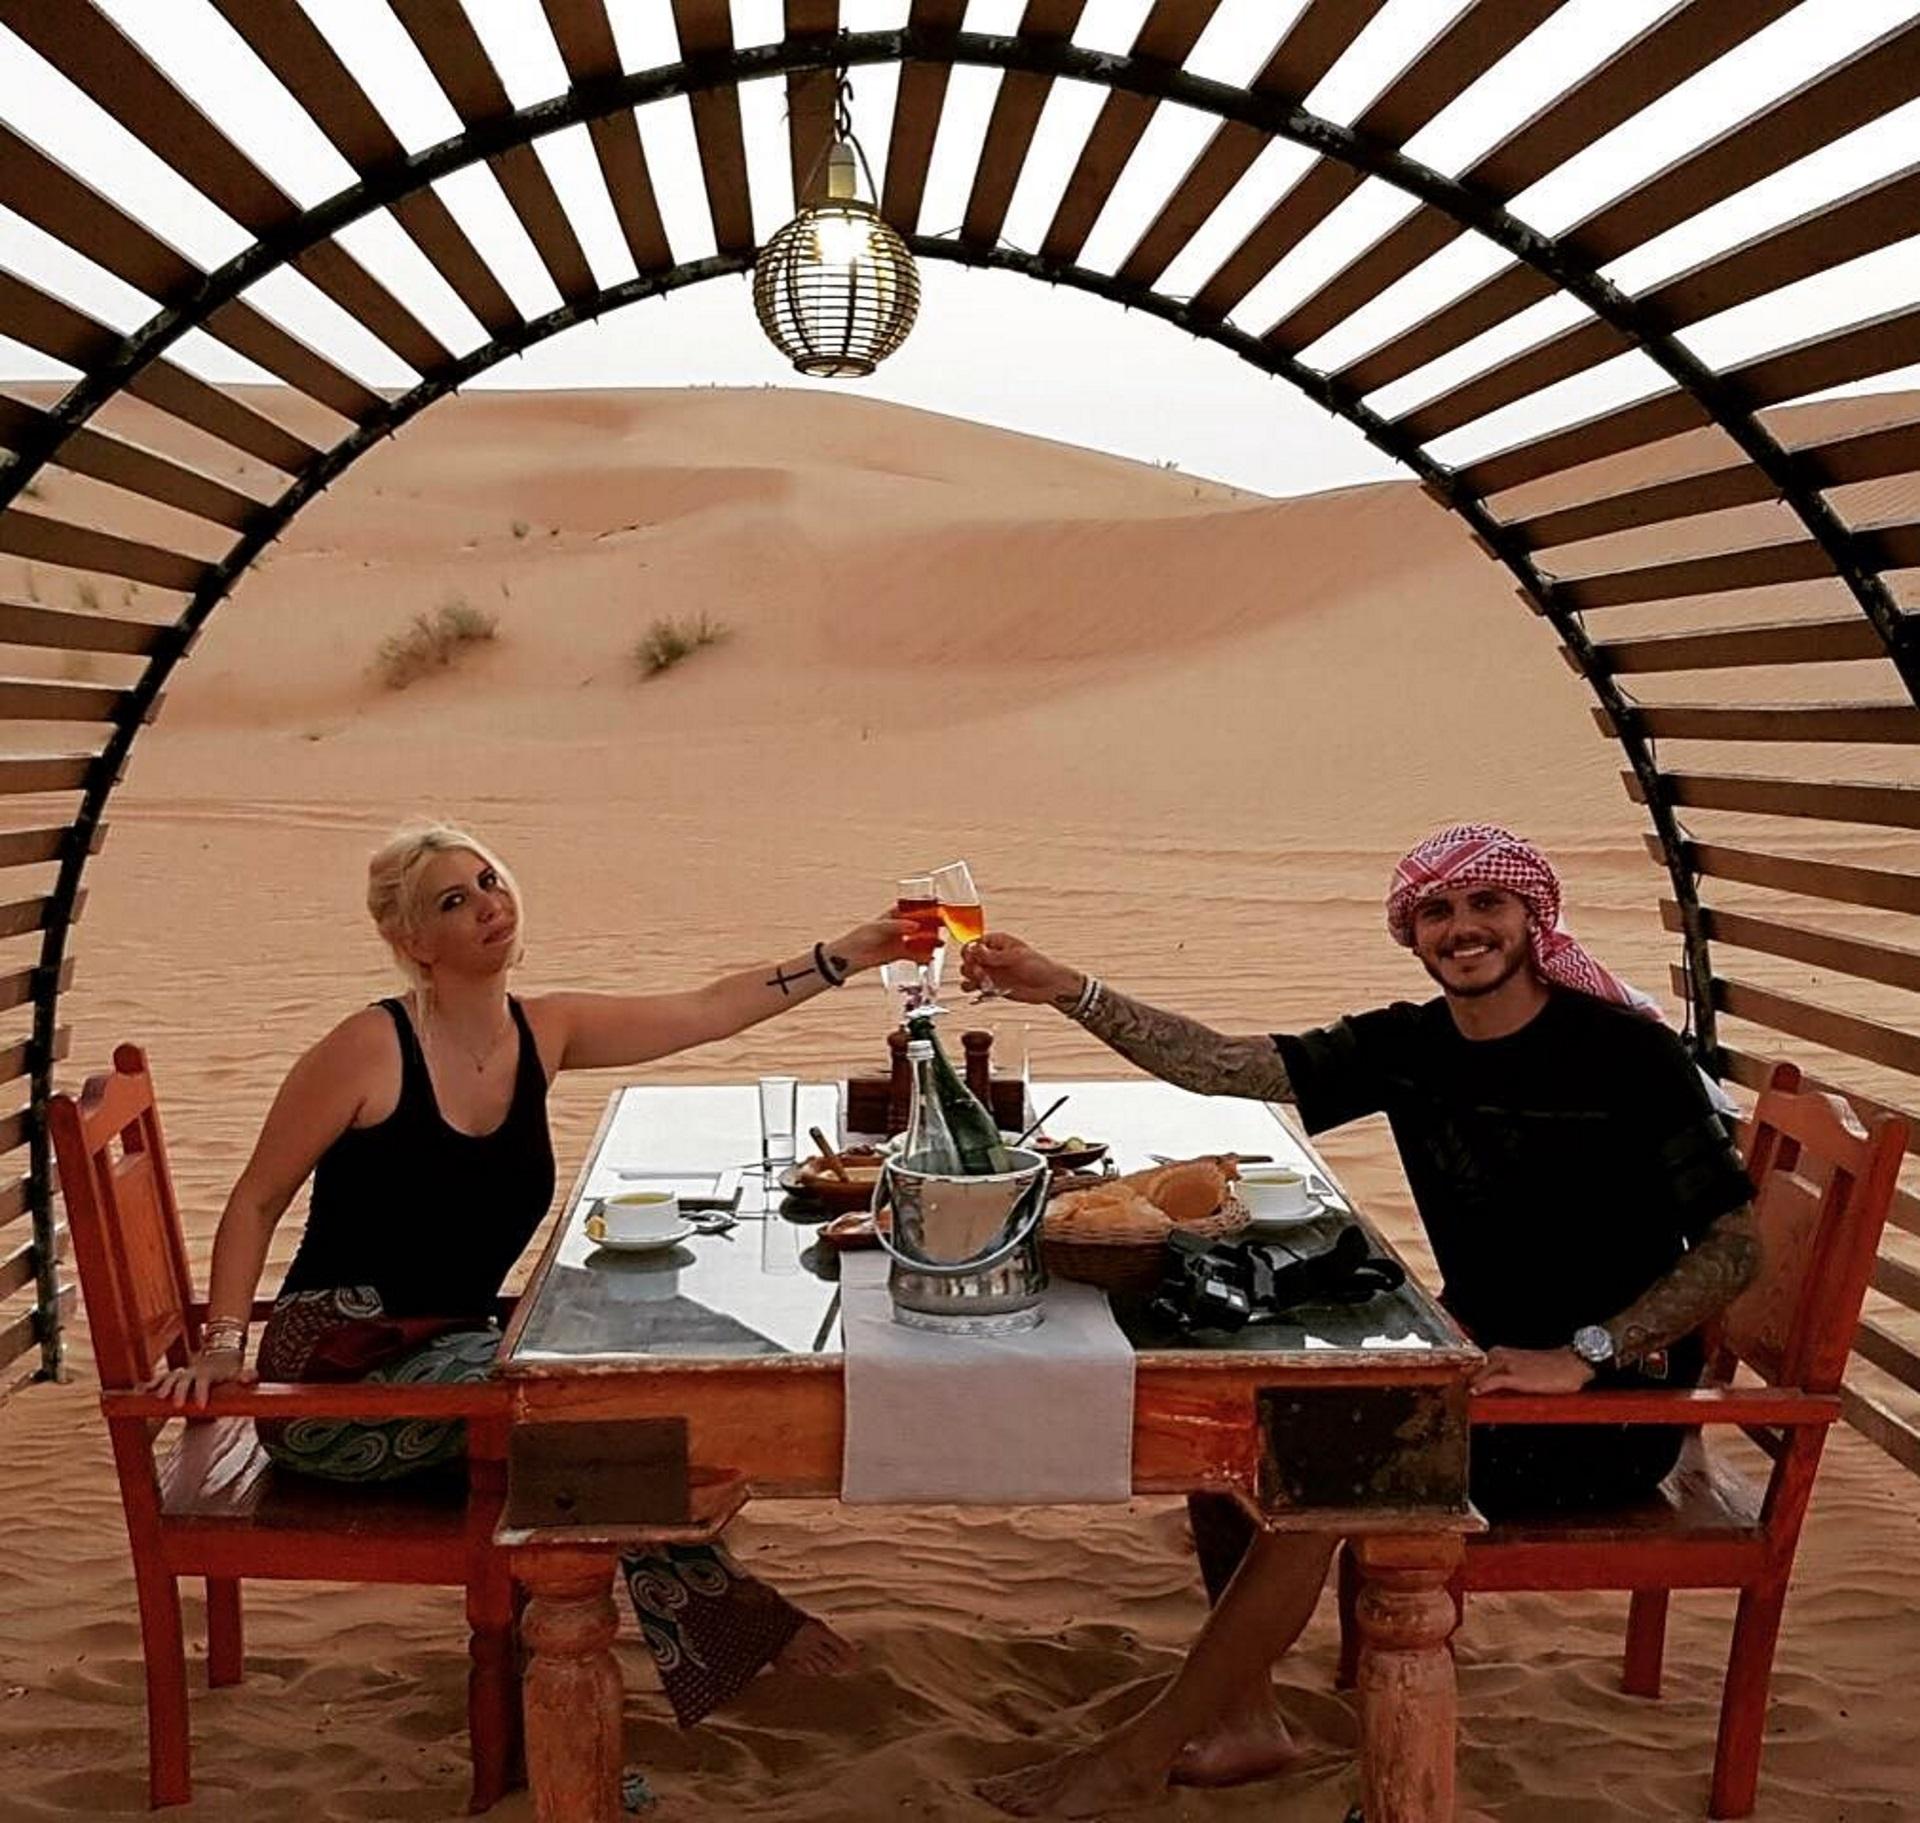 Wanda Nara y Mauro Icardi disfrutaron del desierto de Dubai